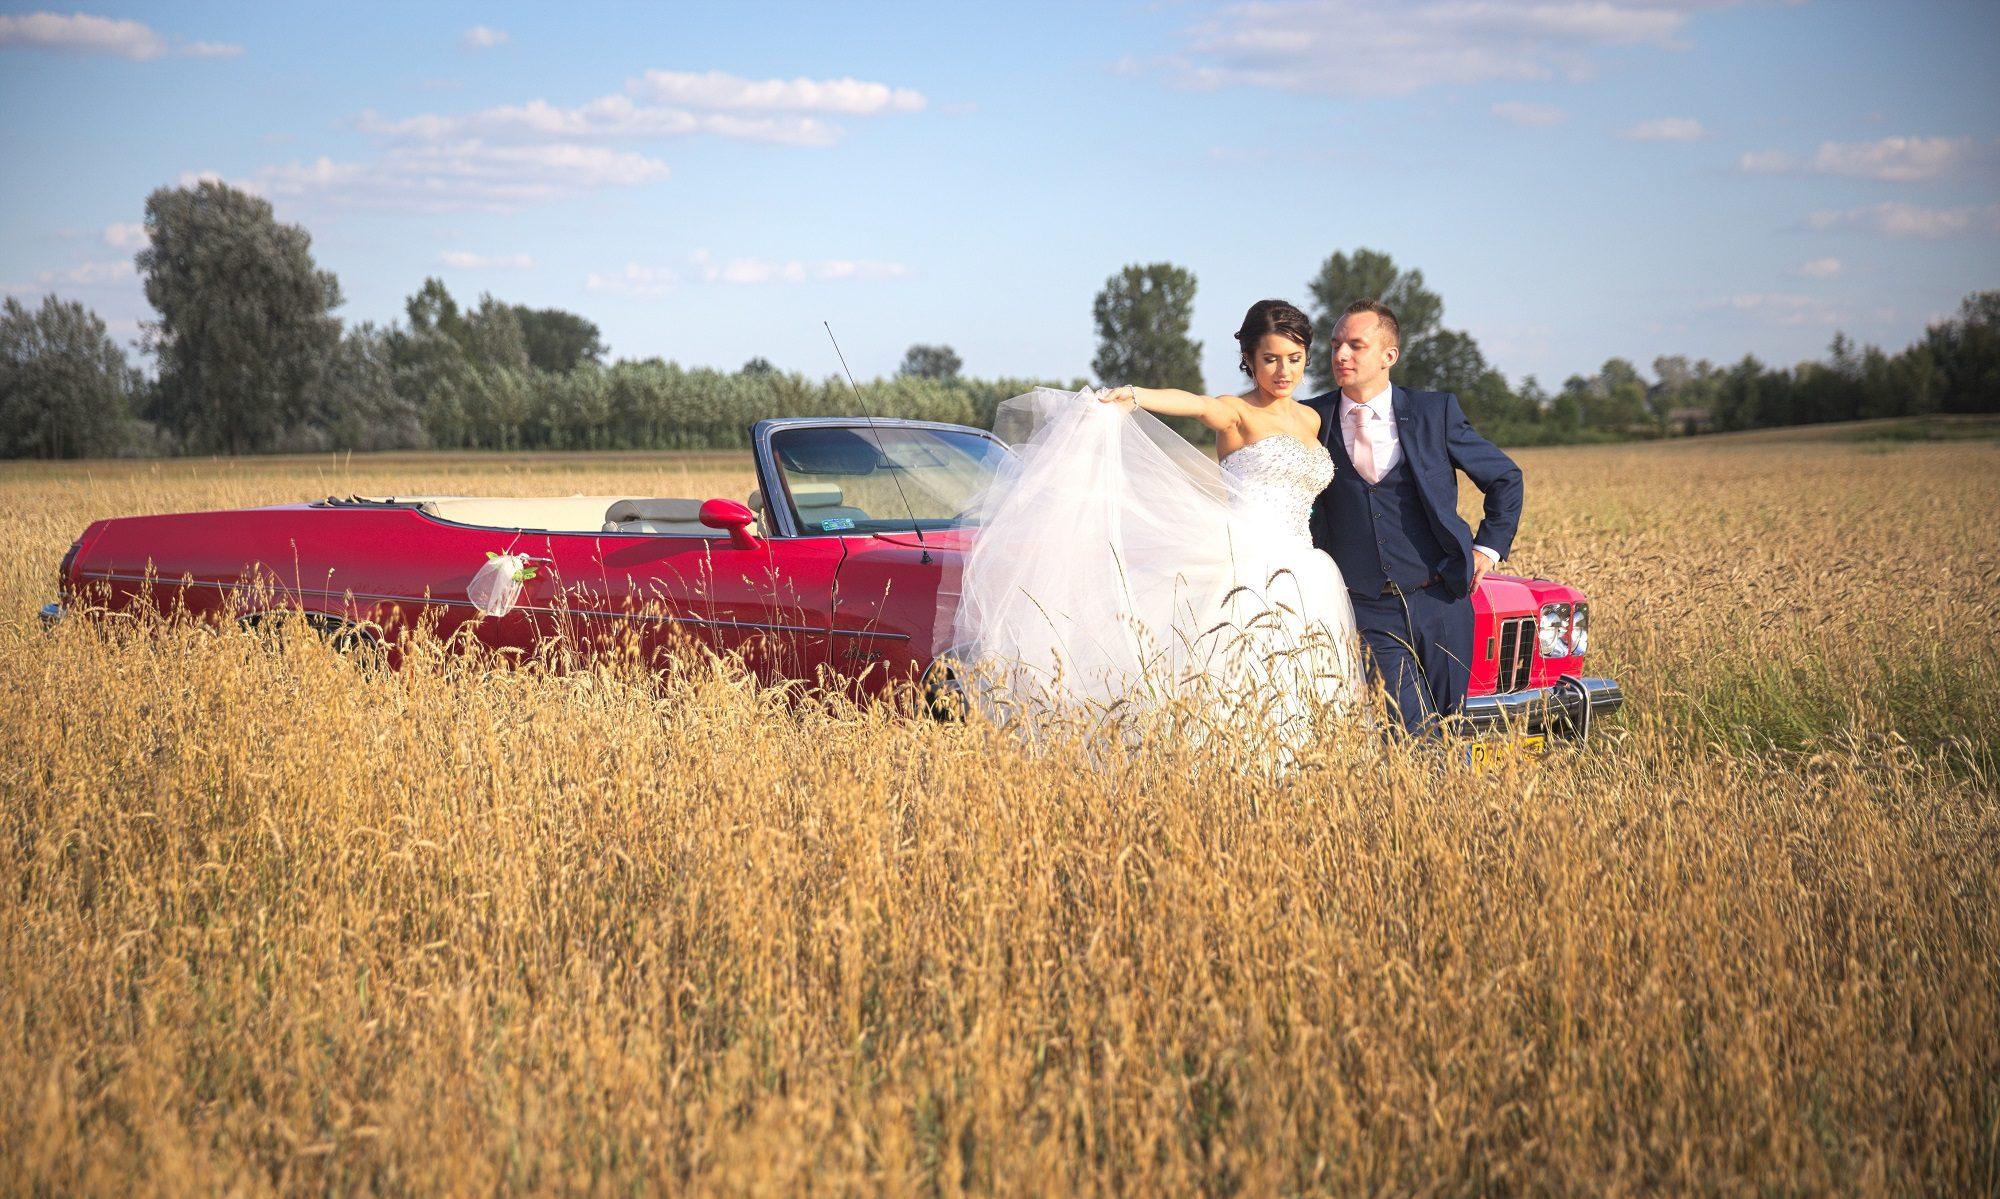 Wynajem zabytkowych samochodów do ślubu Rzeszów, całe woj. Podkarpackie, auto do ślubu, limuzyny do ślubu